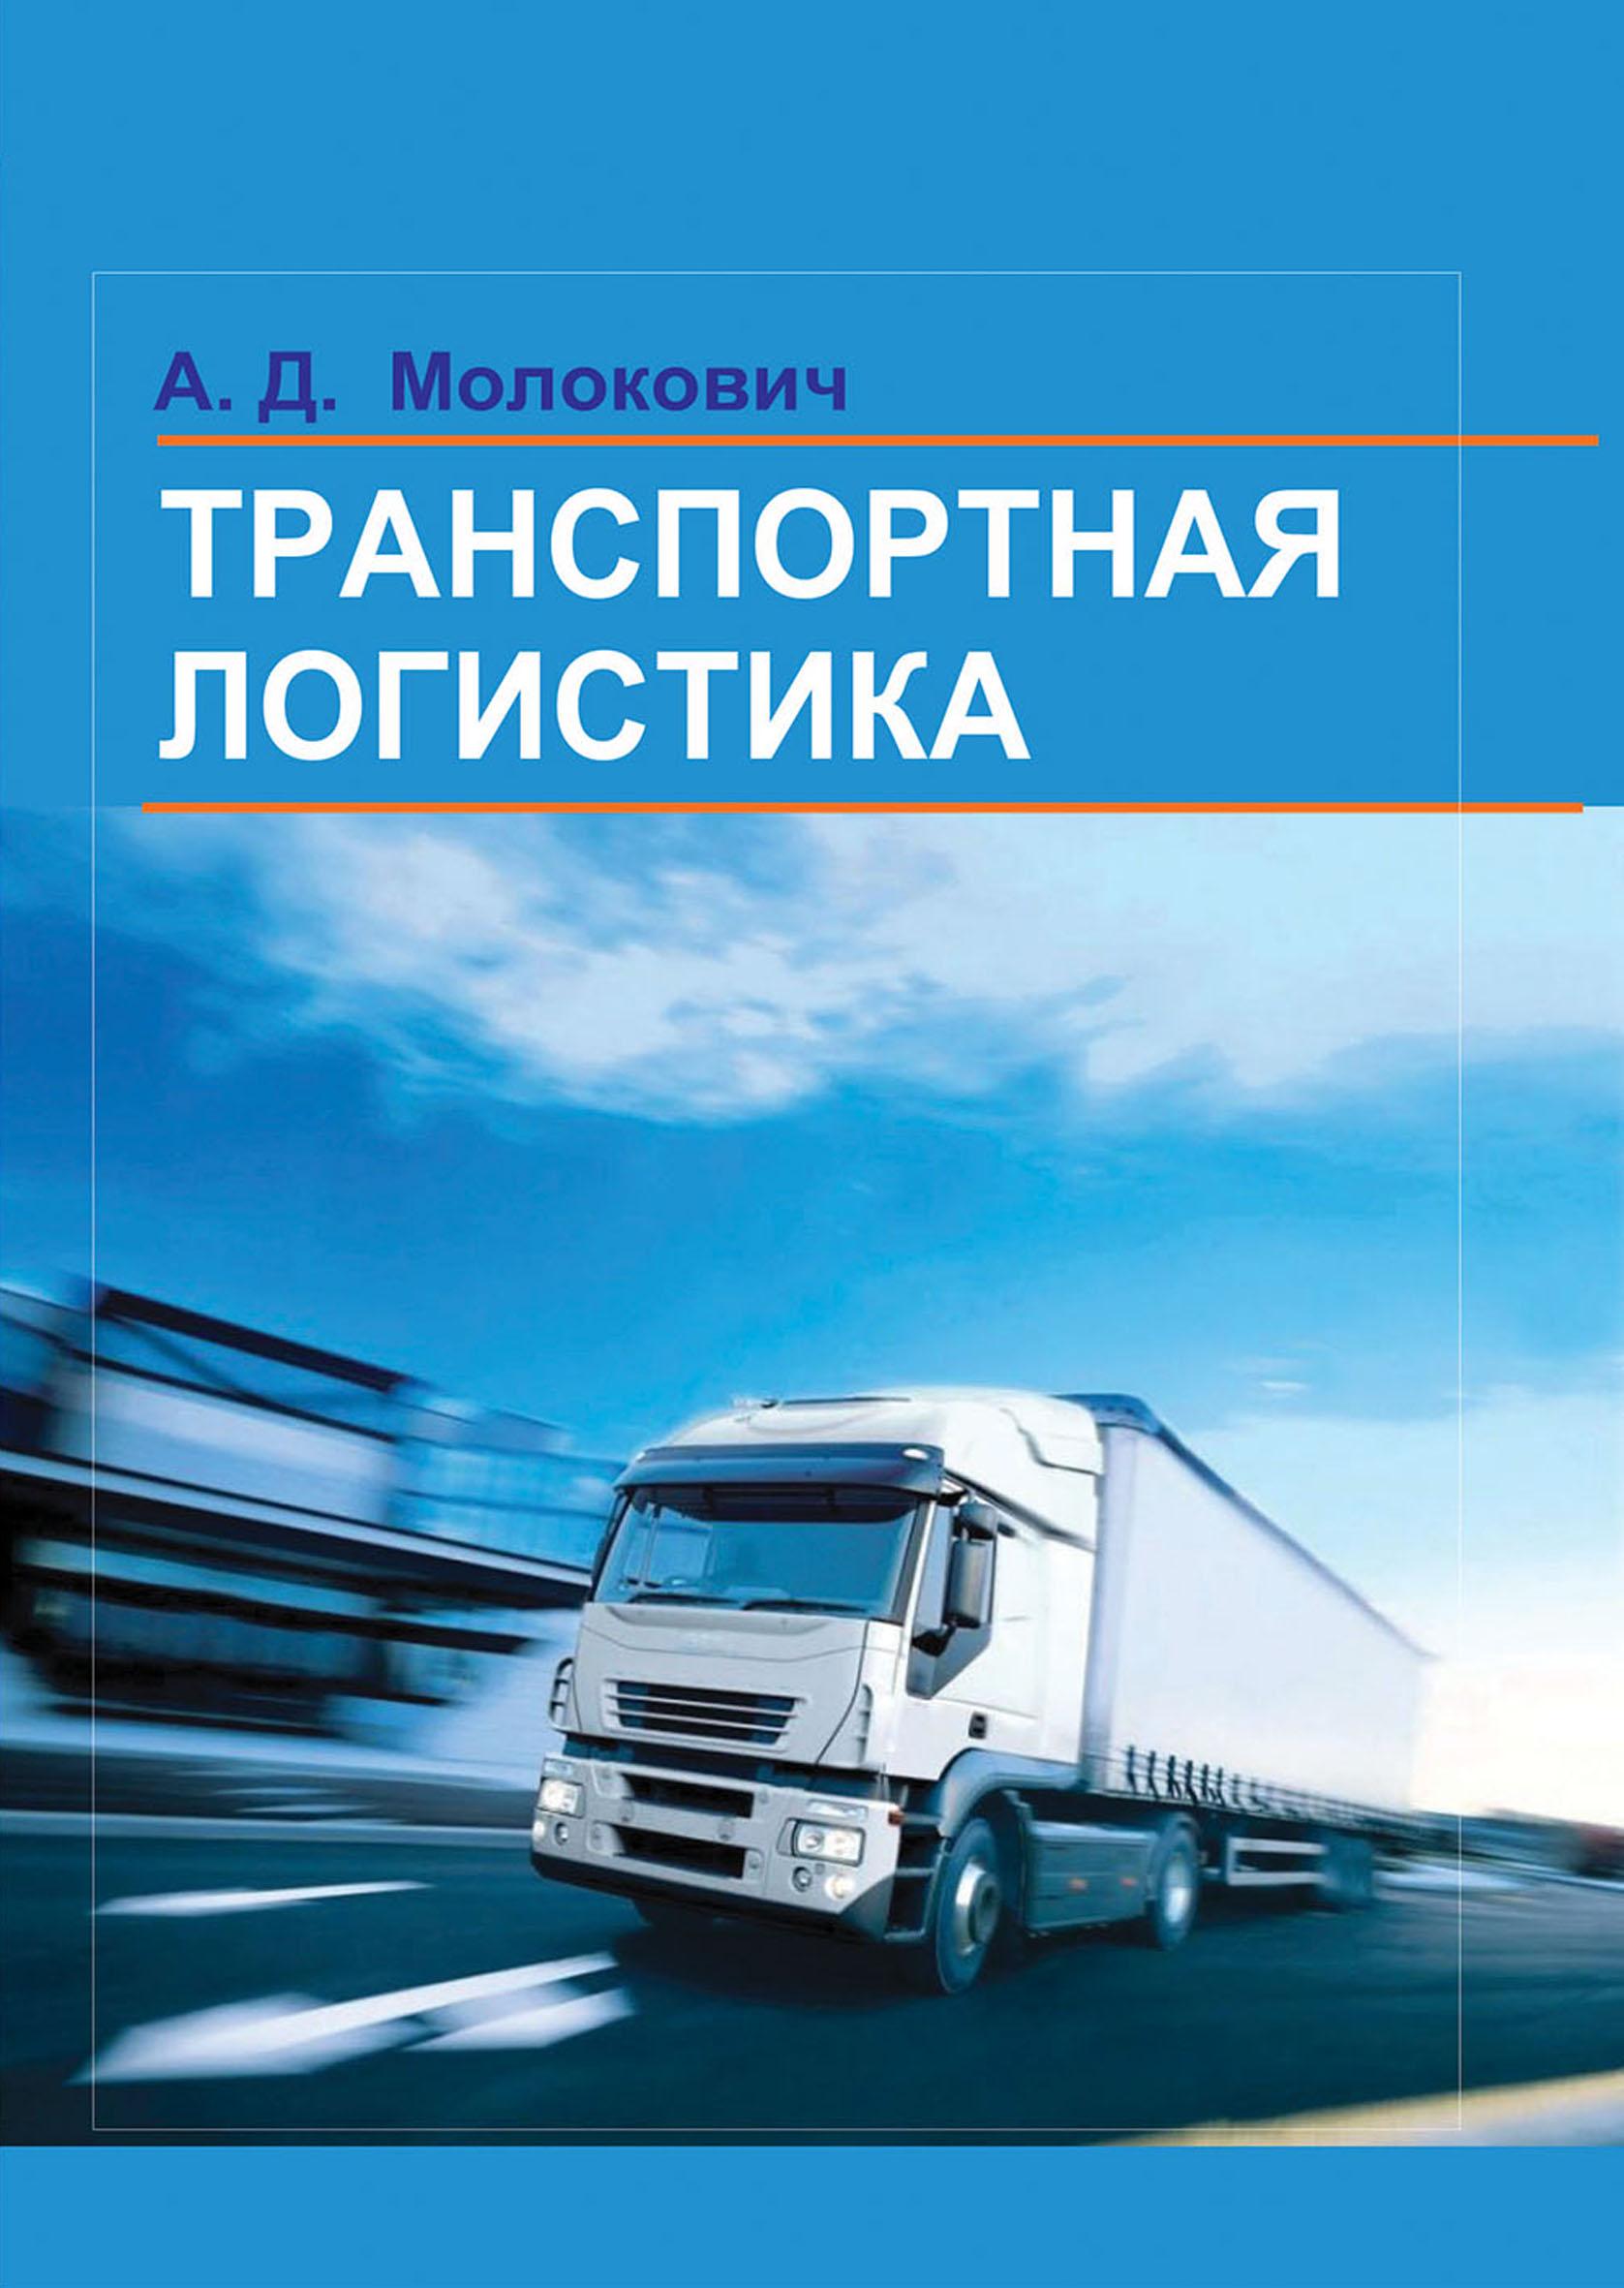 Транспортная логистика ( А. Д. Молокович  )